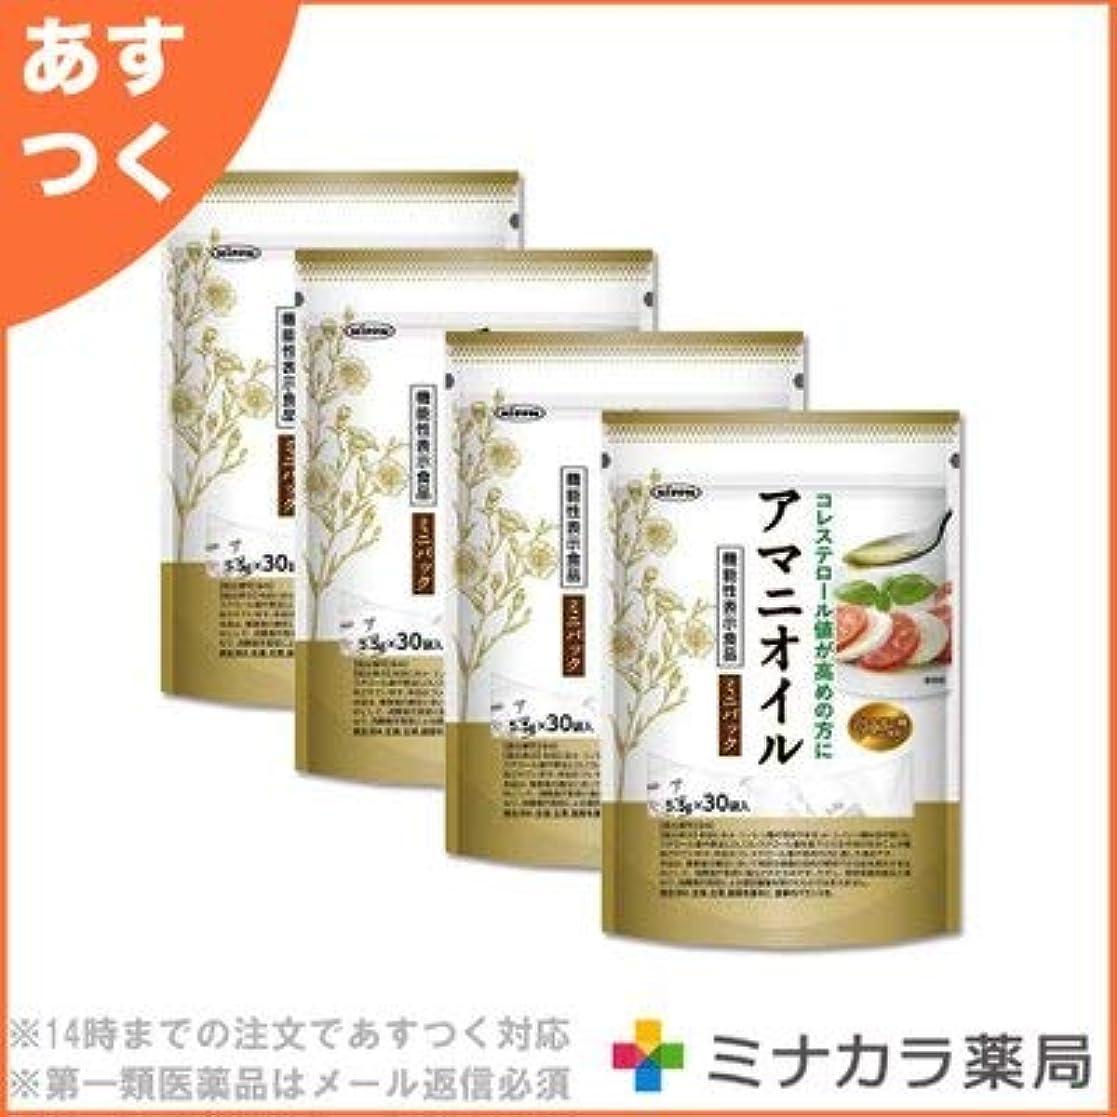 異邦人質素な火薬日本製粉 アマニオイル ミニパック 5.5g×30 (機能性表示食品)×4個セット